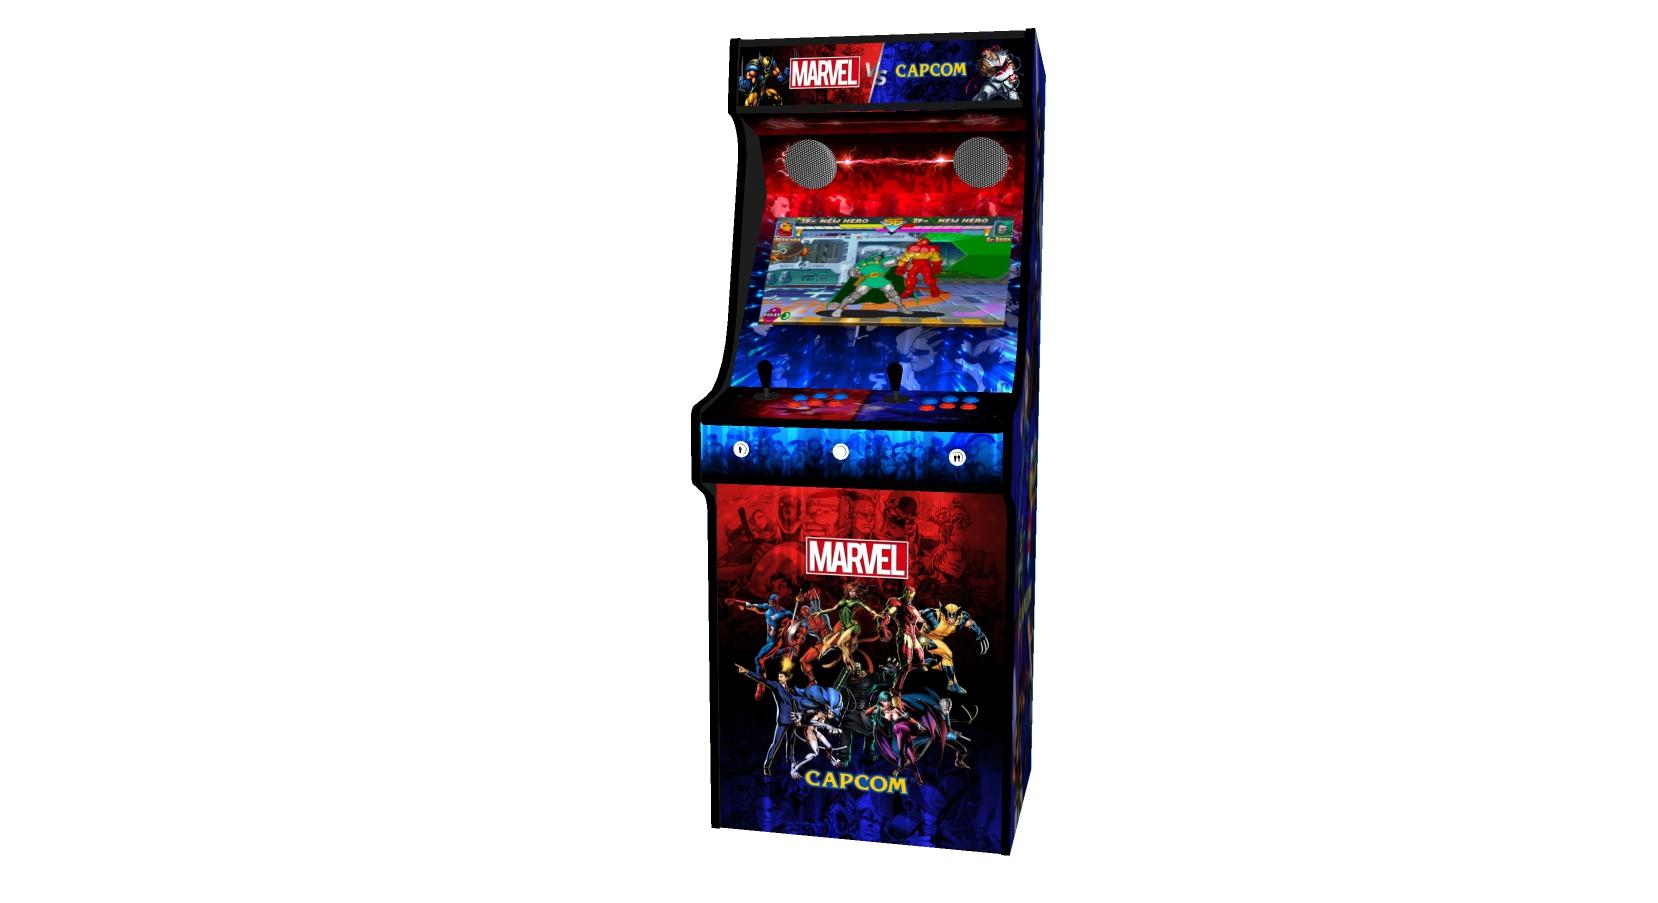 Classic Upright Arcade Machine - Marvel vs Capcom Theme v2 - Midde